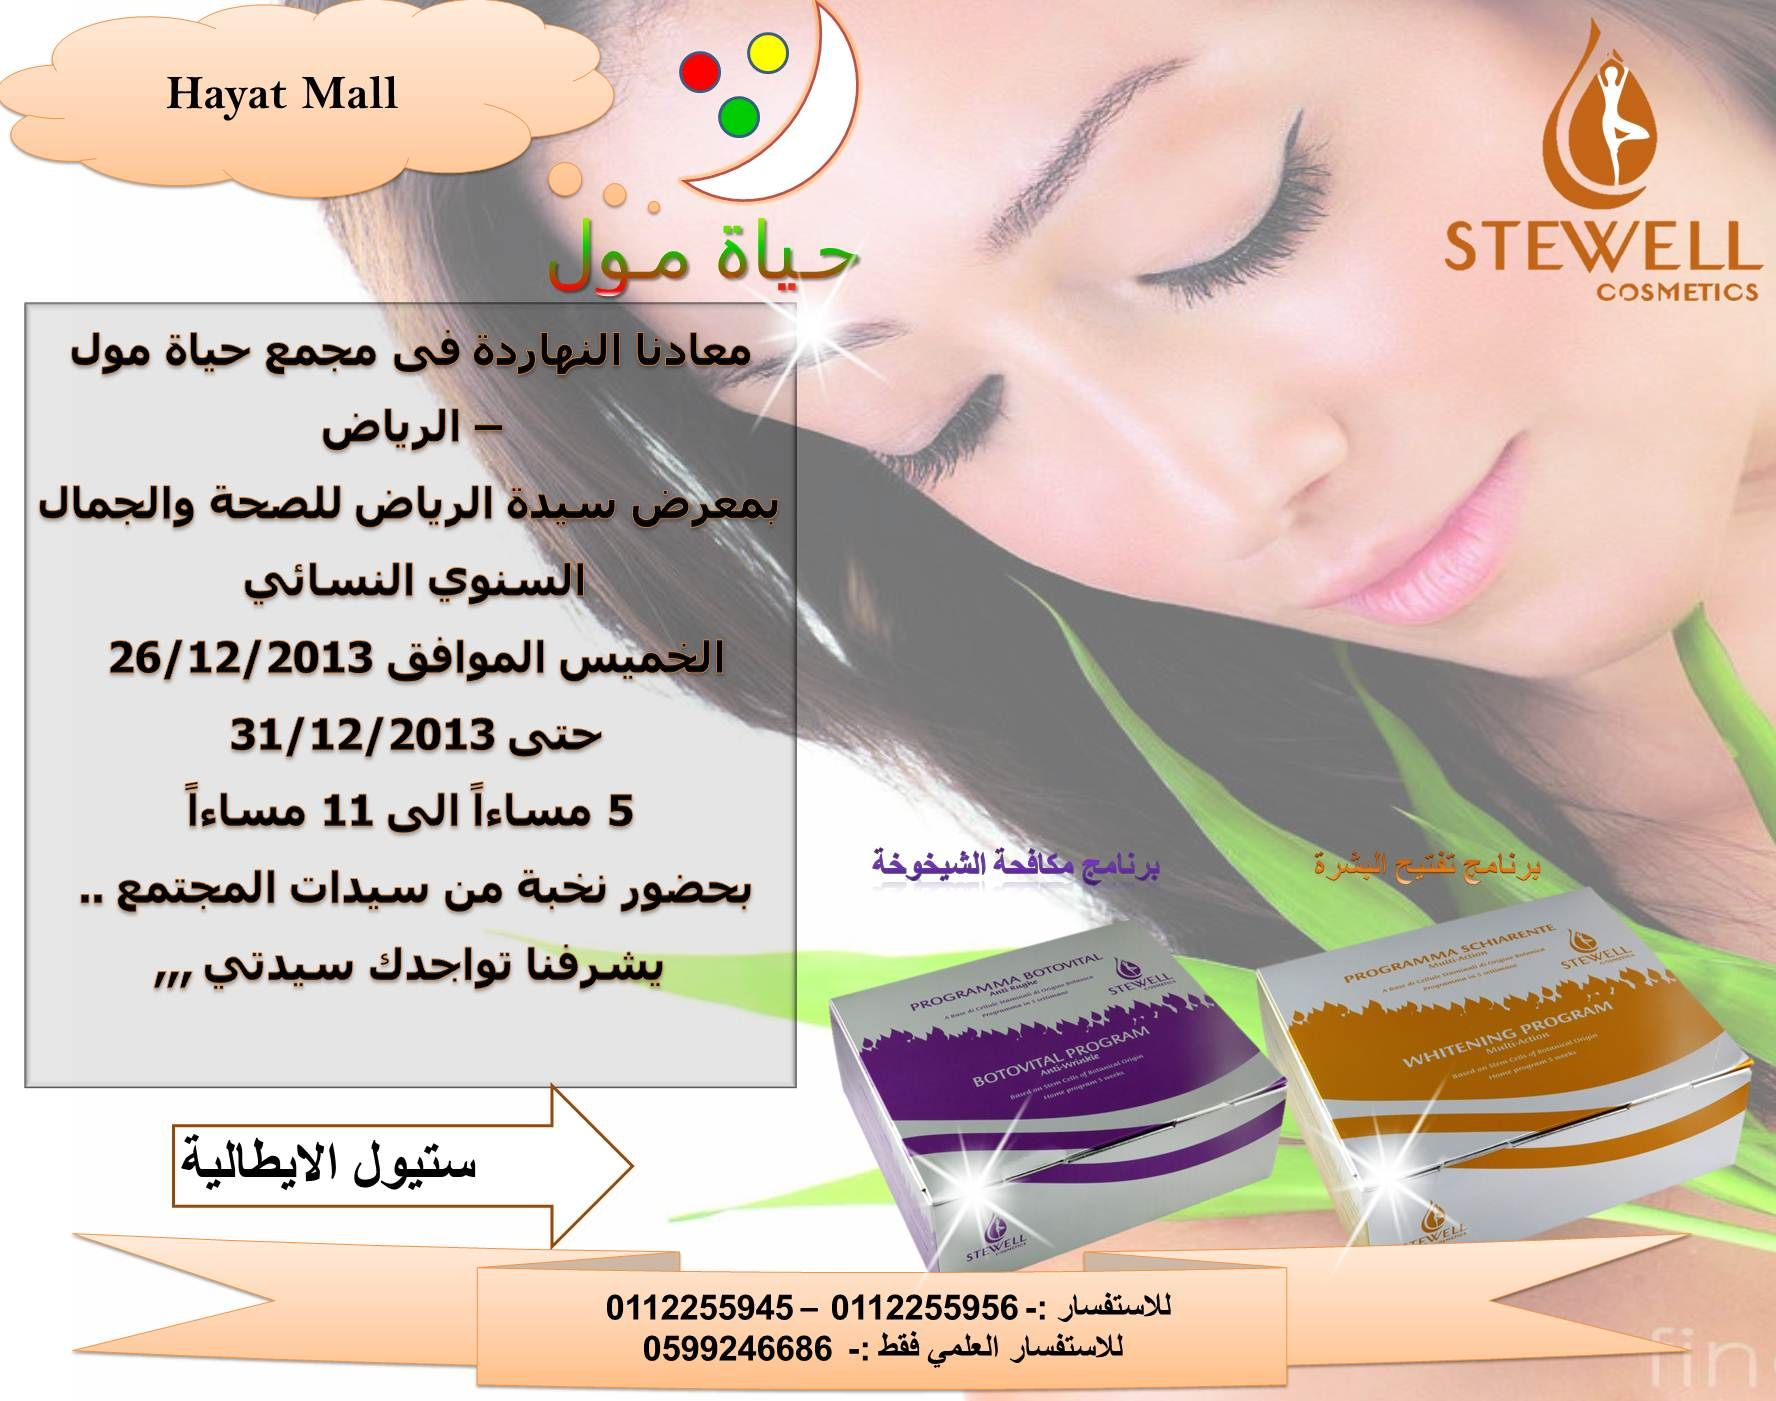 ويستمر معرض سيدة الرياض للصحة والجمال السنوي النسائي فى حياة مول الرياض حتى نهاية العام 31 12 2013 من الساعة 5 عصر ا Cosmetics Jlo Incoming Call Screenshot